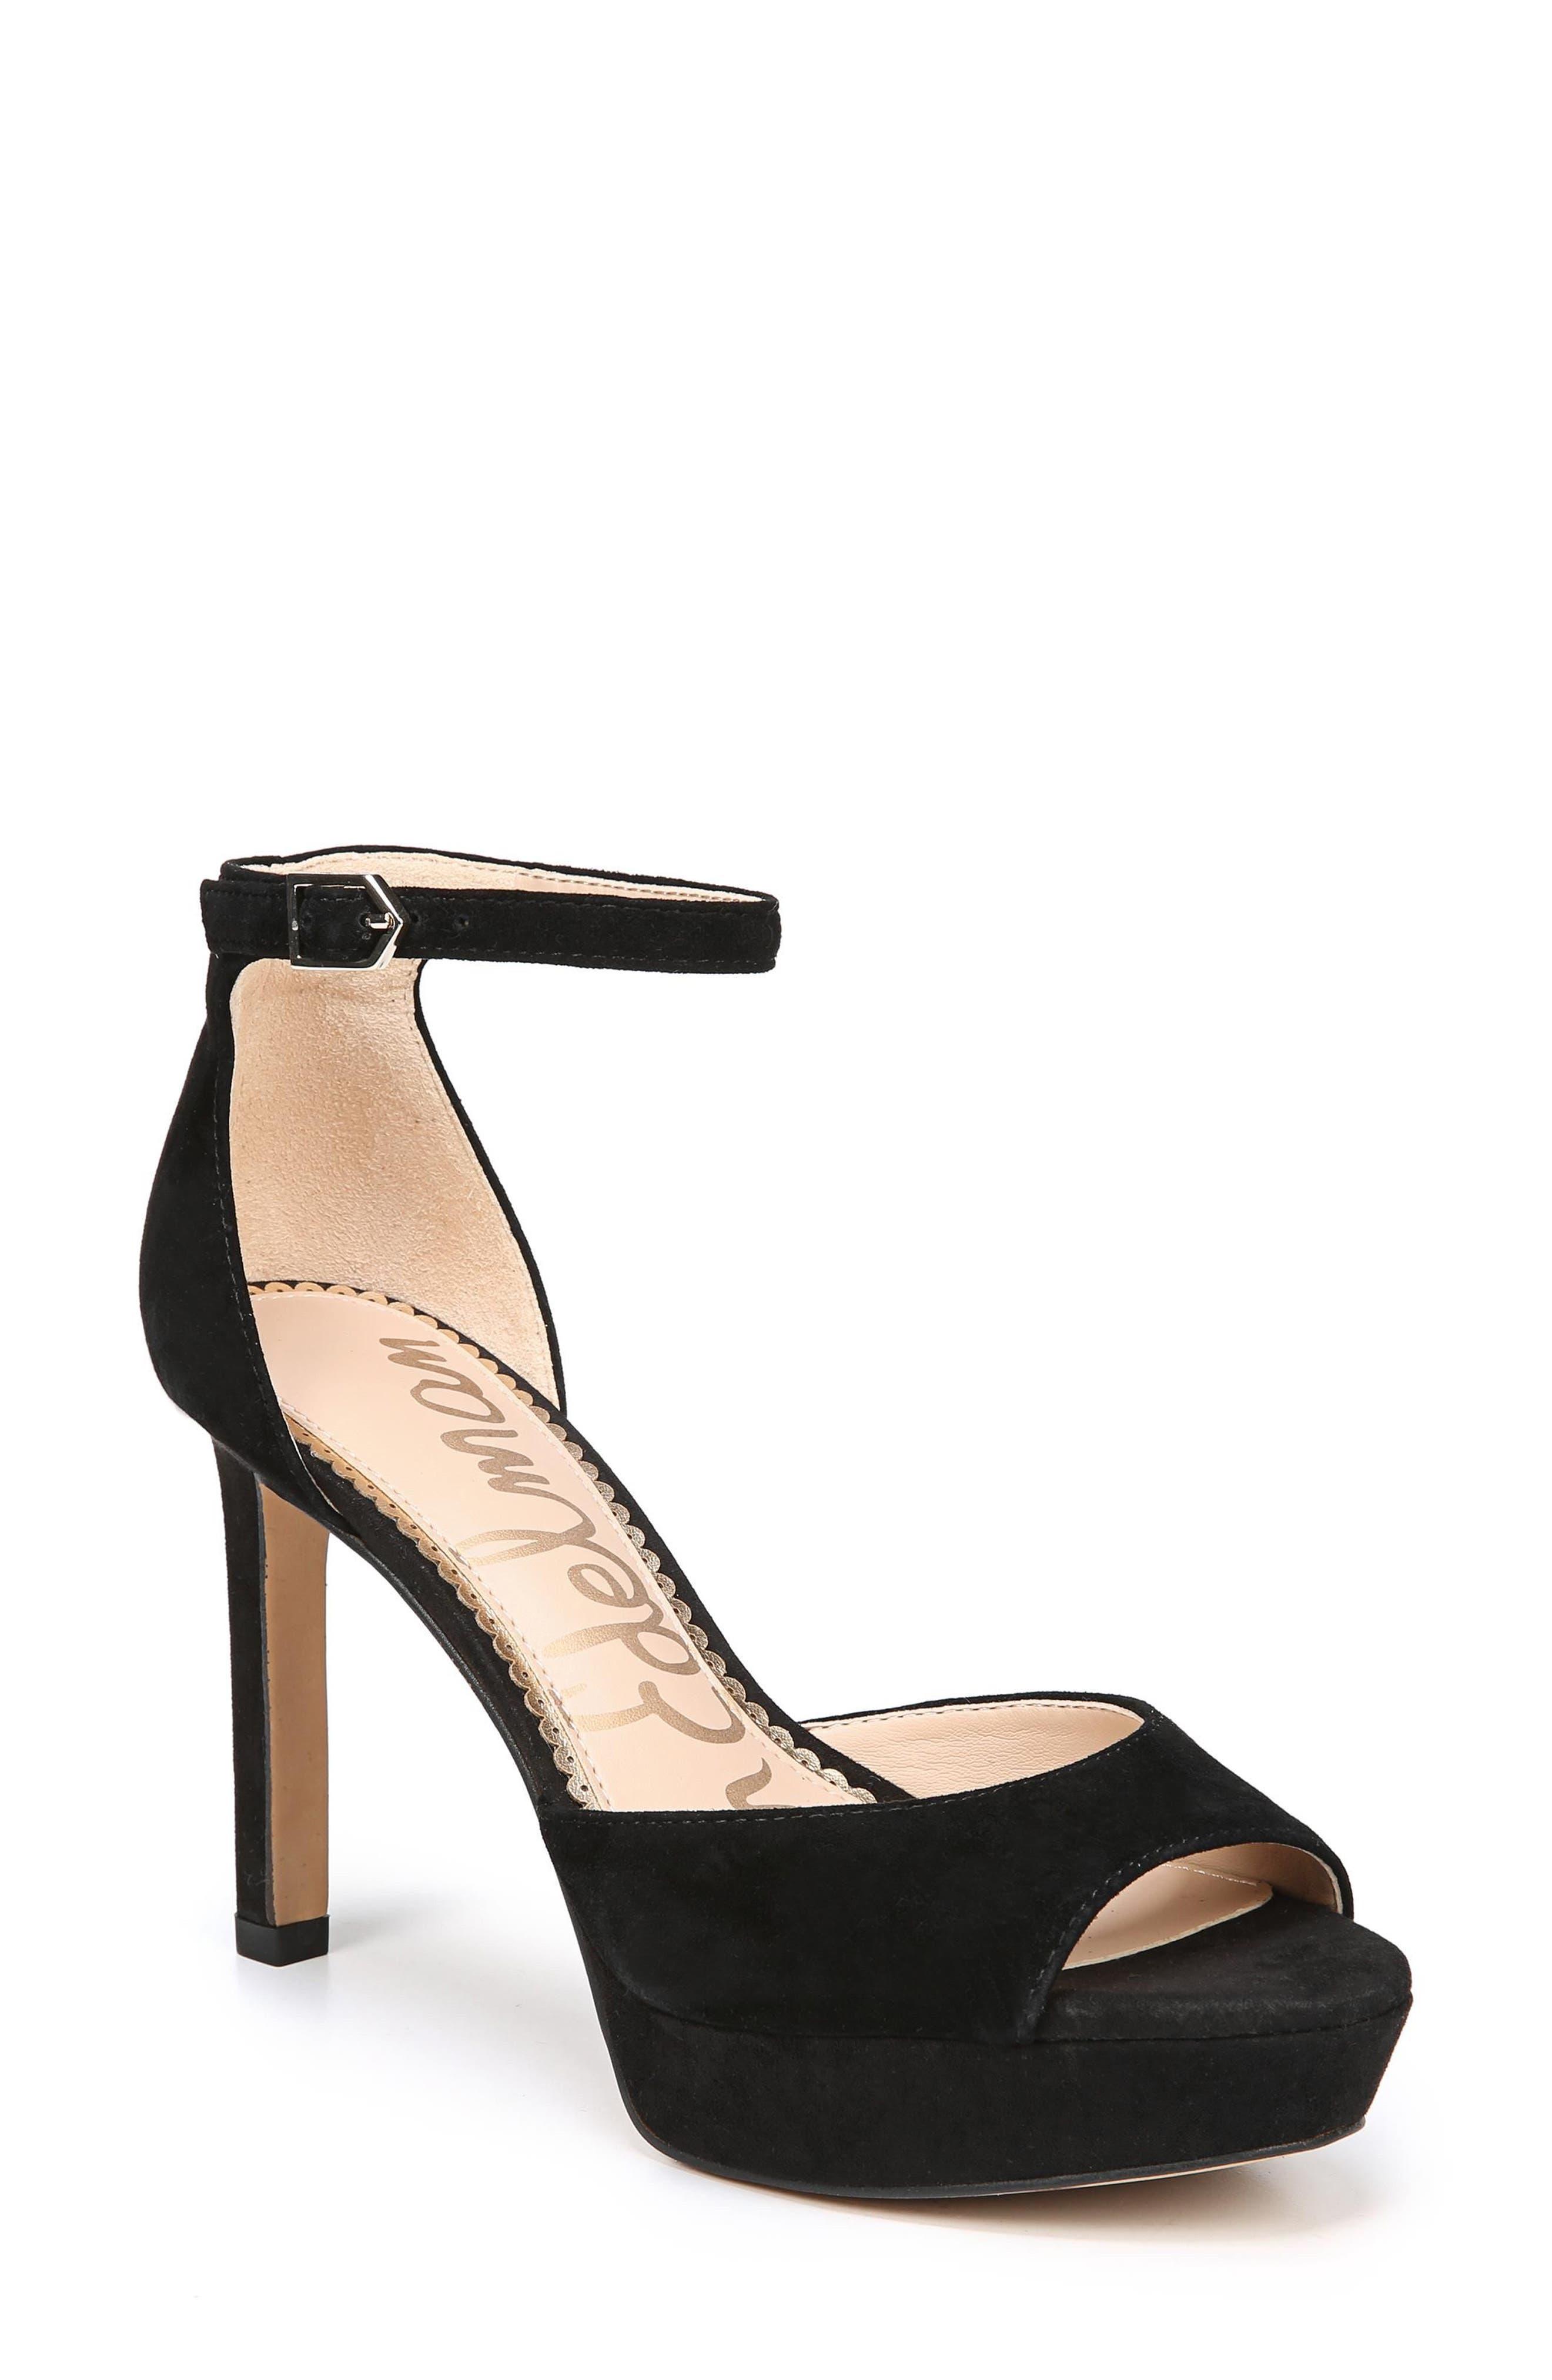 Jerin Platform Sandal,                         Main,                         color, Black Suede